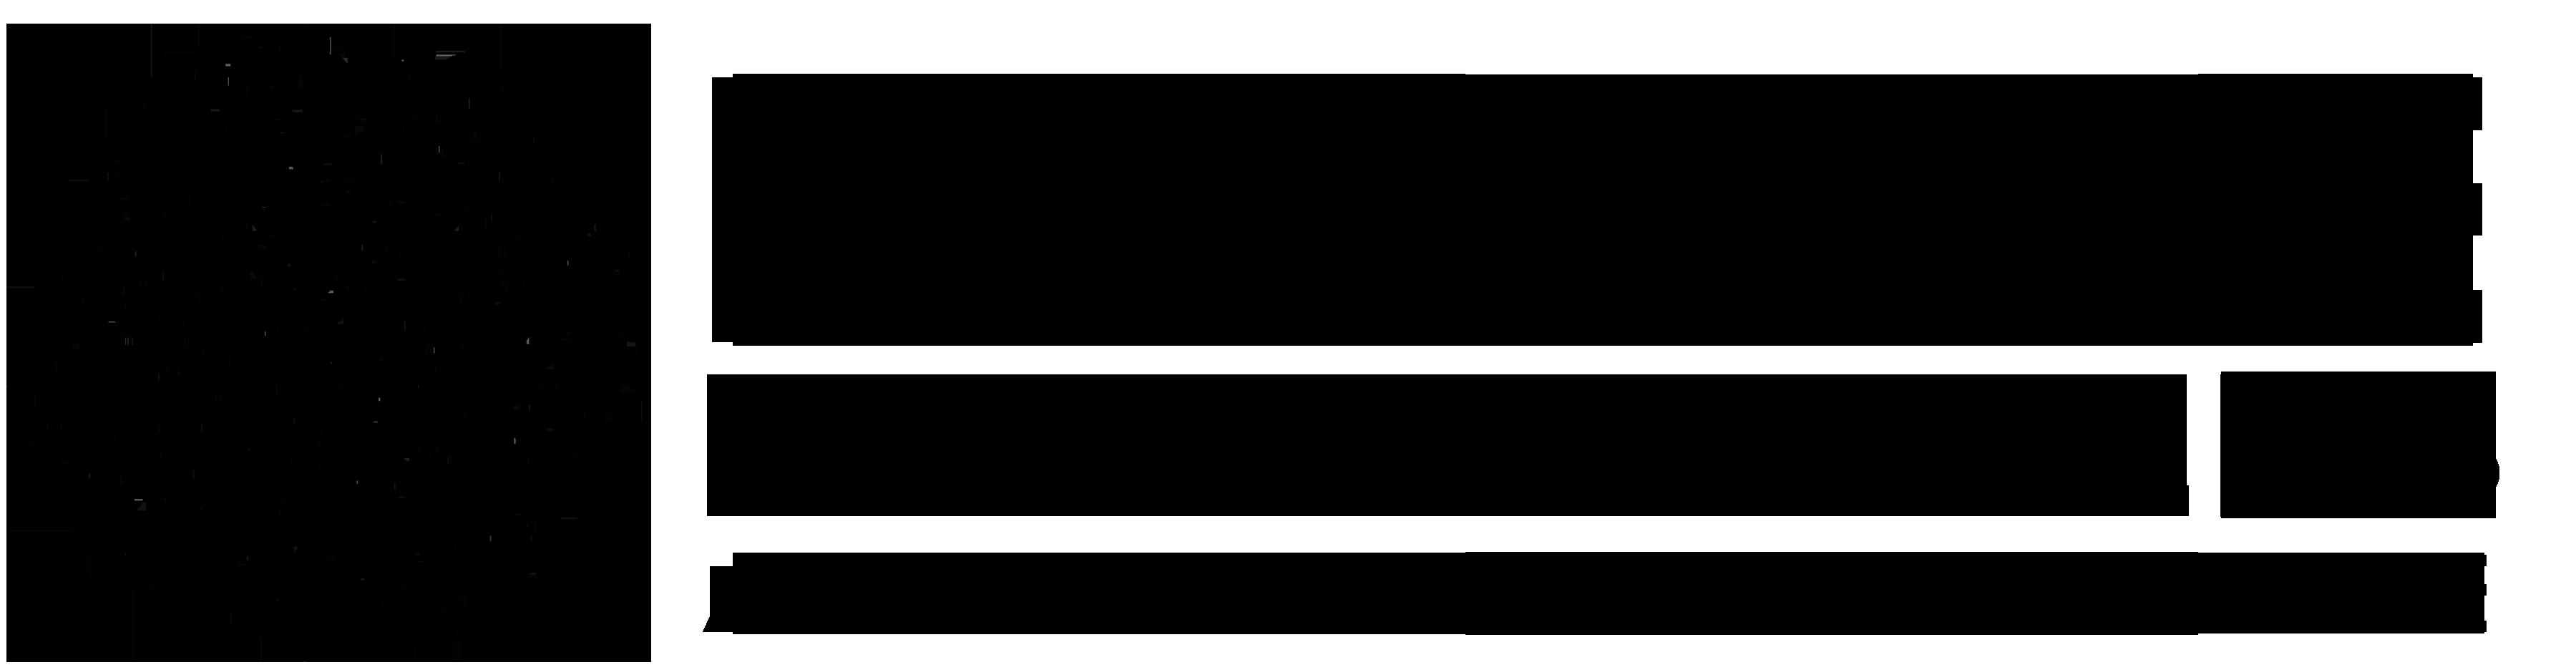 Insource Renewables logo